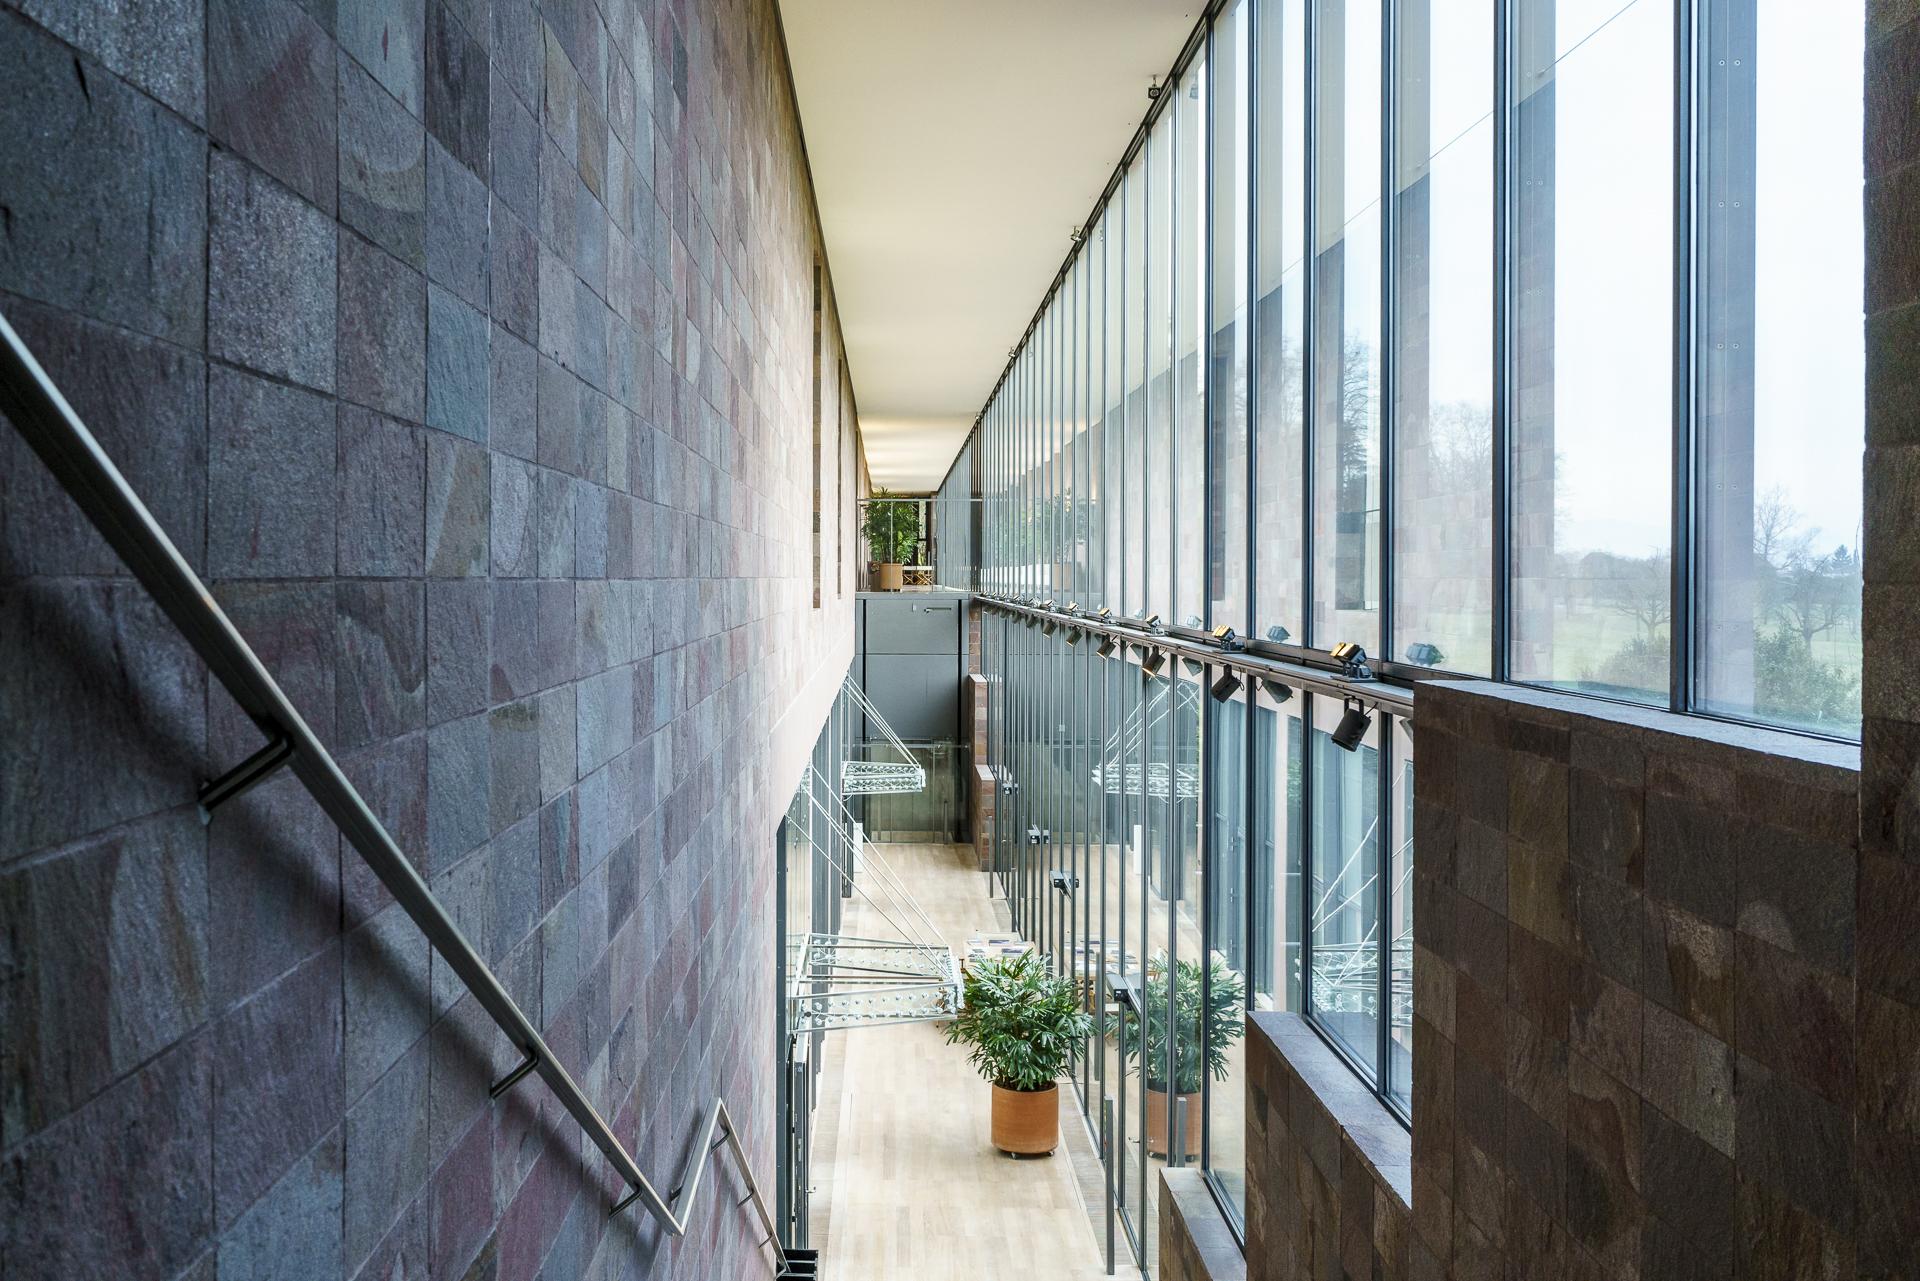 Fondation Beyeler Architektur